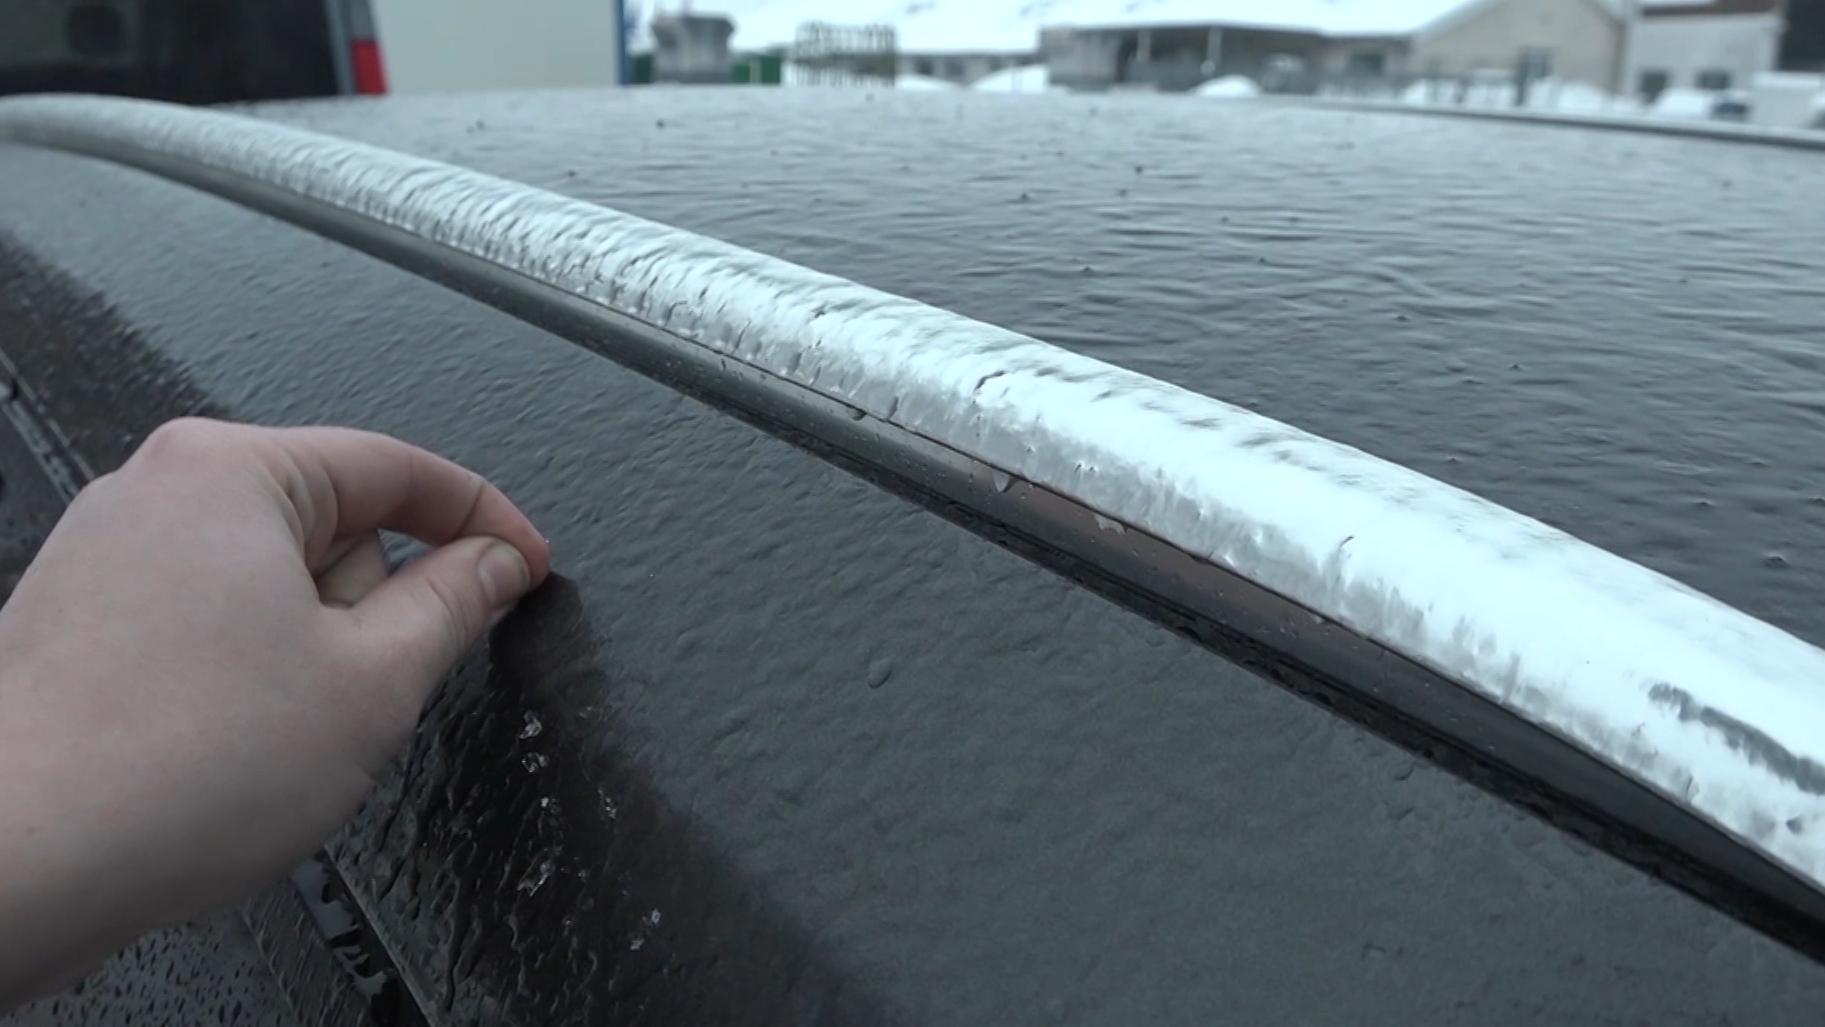 Eisschicht auf einem Auto